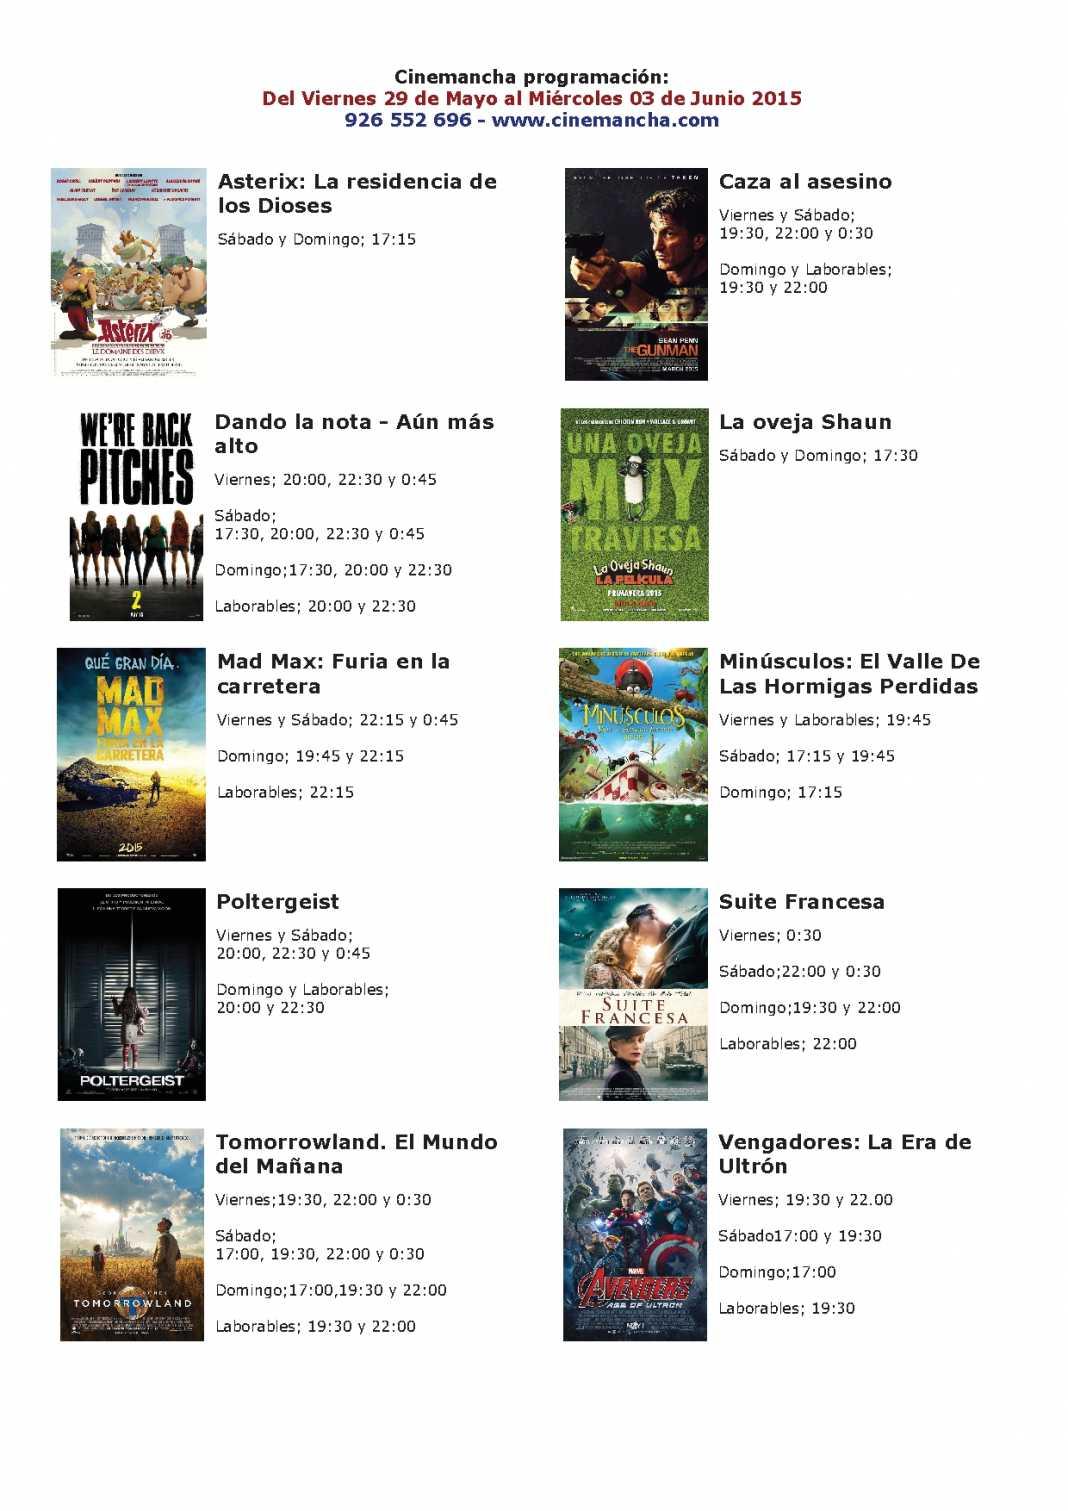 Cartelera de Cinemancha del viernes 29 de mayo al miércoles 03 de junio 1